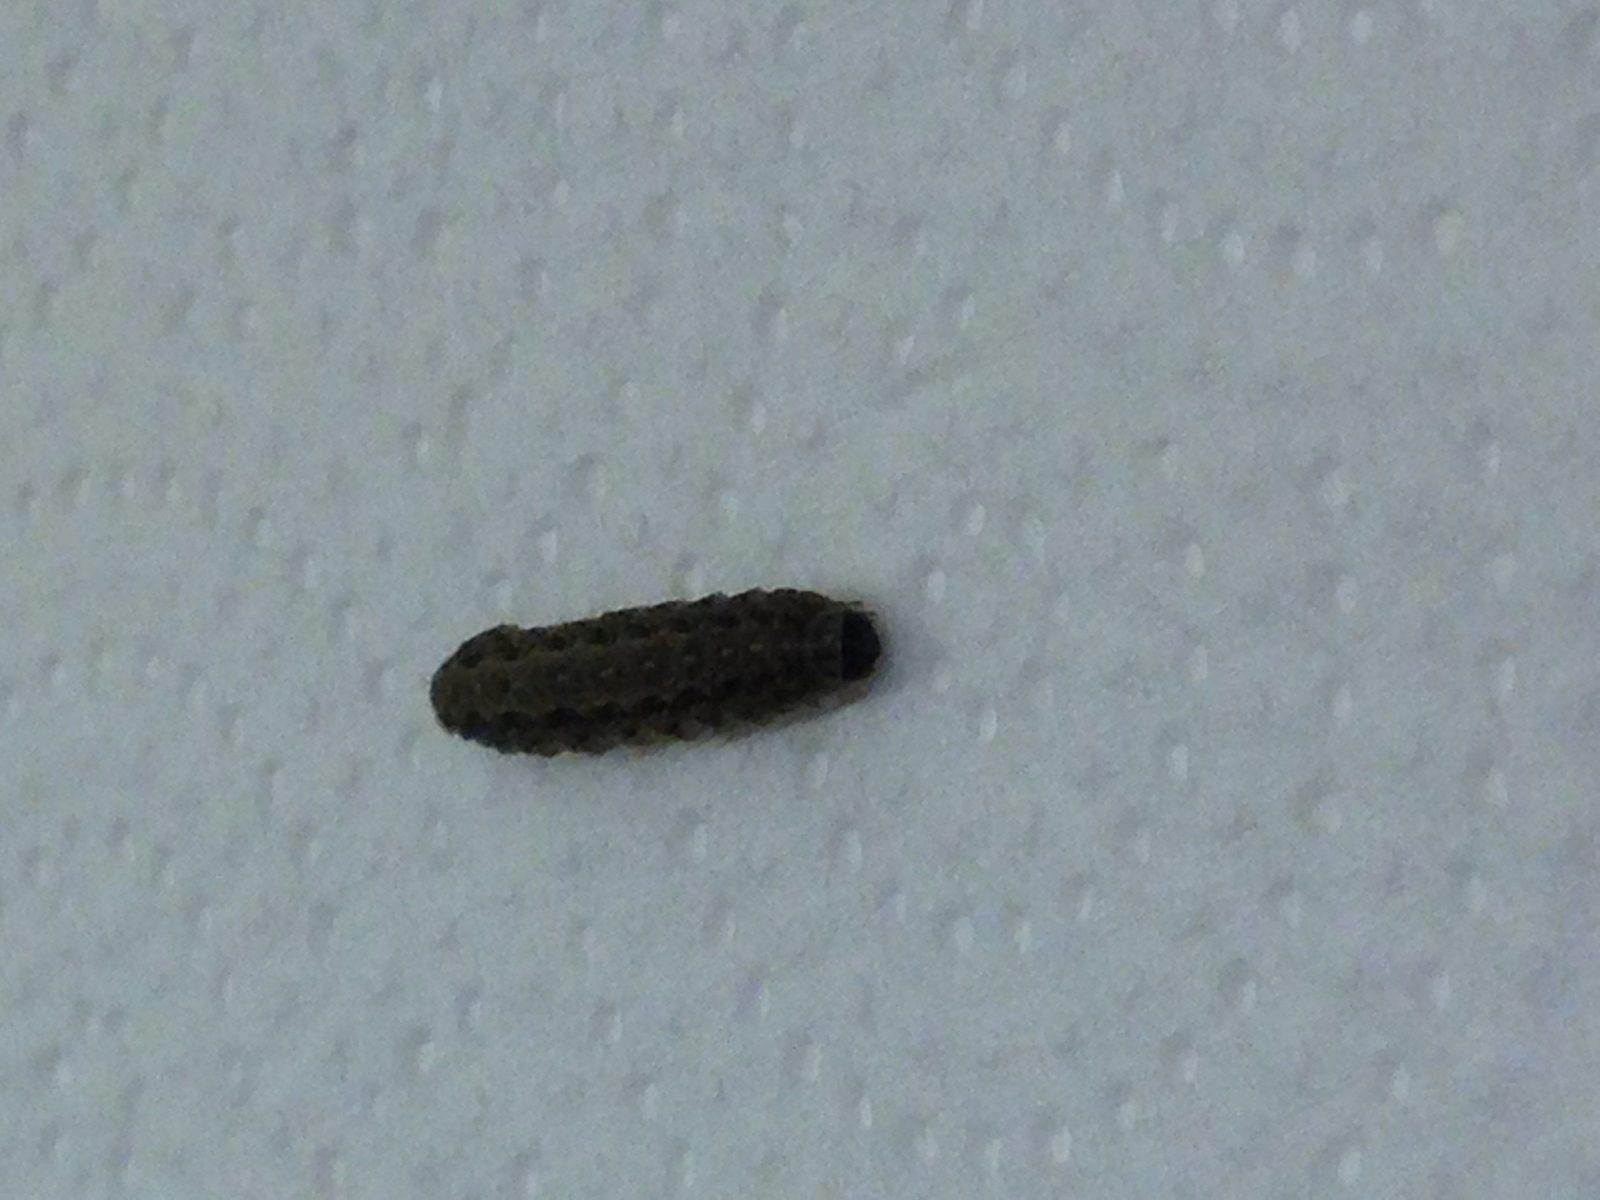 Würmer In Der Wohnung Frisch Layout Über Würmer In Der Wohnung von Maden In Der Wohnung Woher Bild